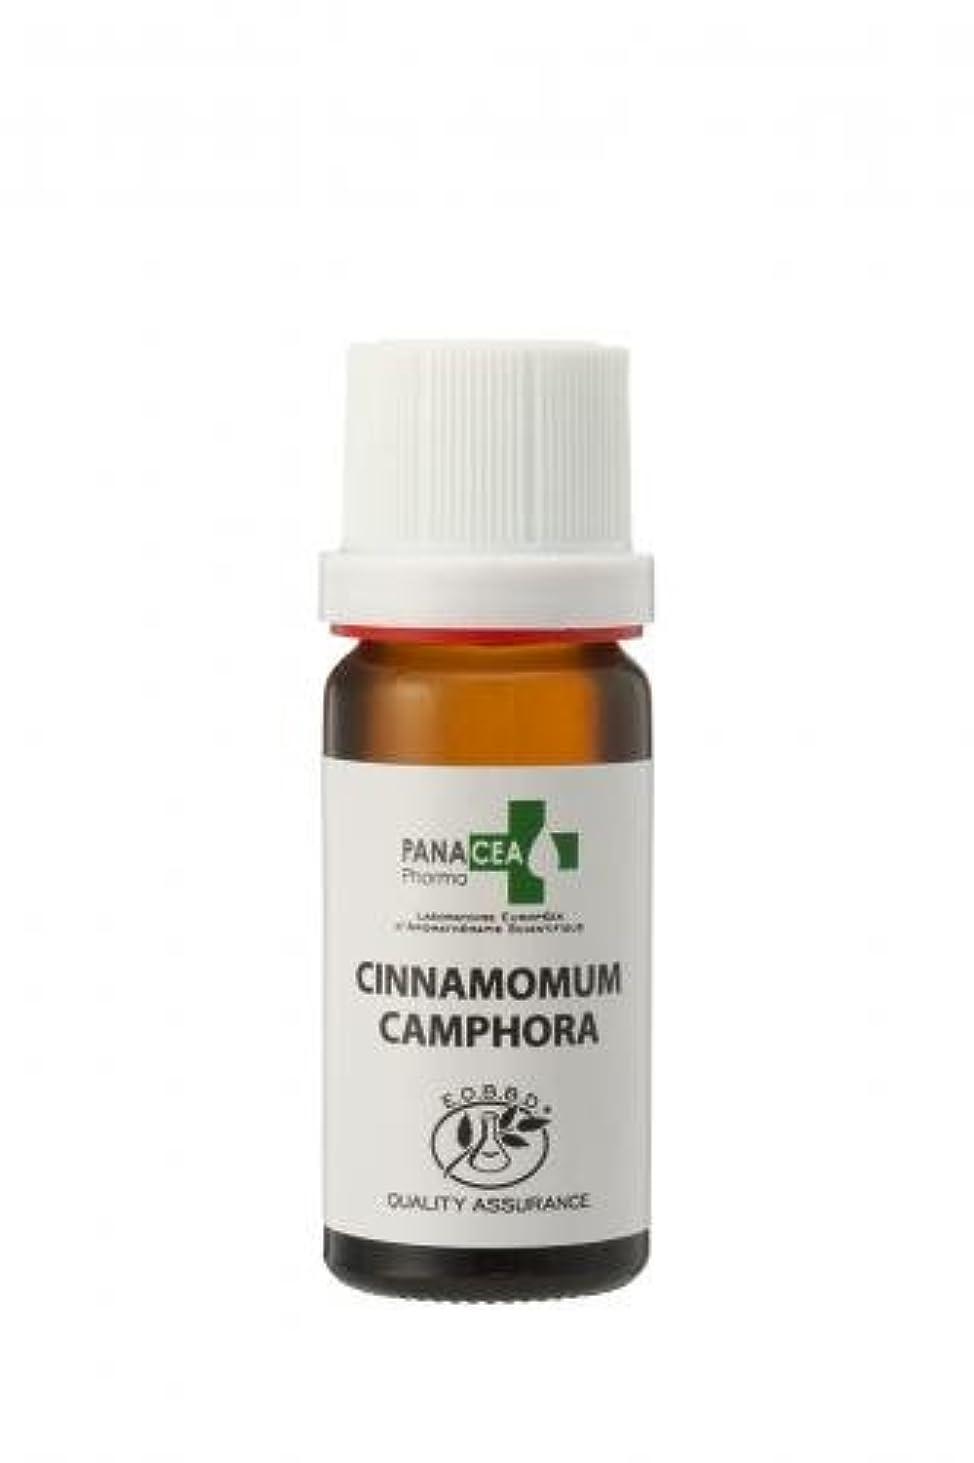 活気づける別に首相ラヴィンサラ (Cinnamomum camphora) 10ml エッセンシャルオイル PANACEA PHARMA パナセア ファルマ